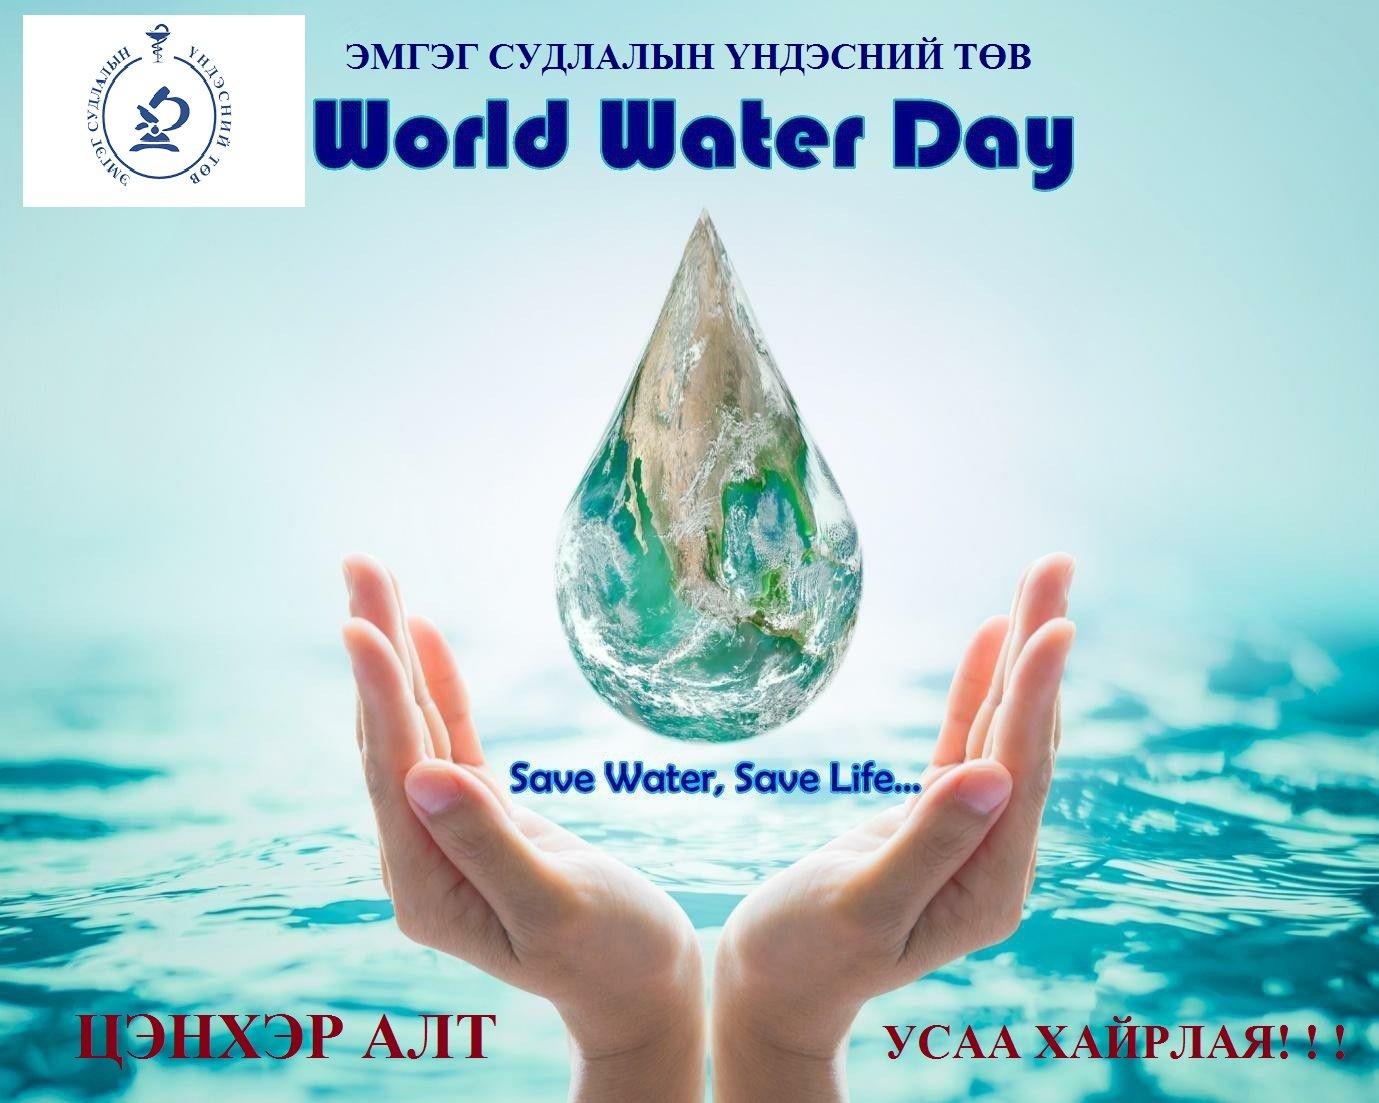 Дэлхийн усны өдрийг тэмдэглэн өнгөрүүллээ